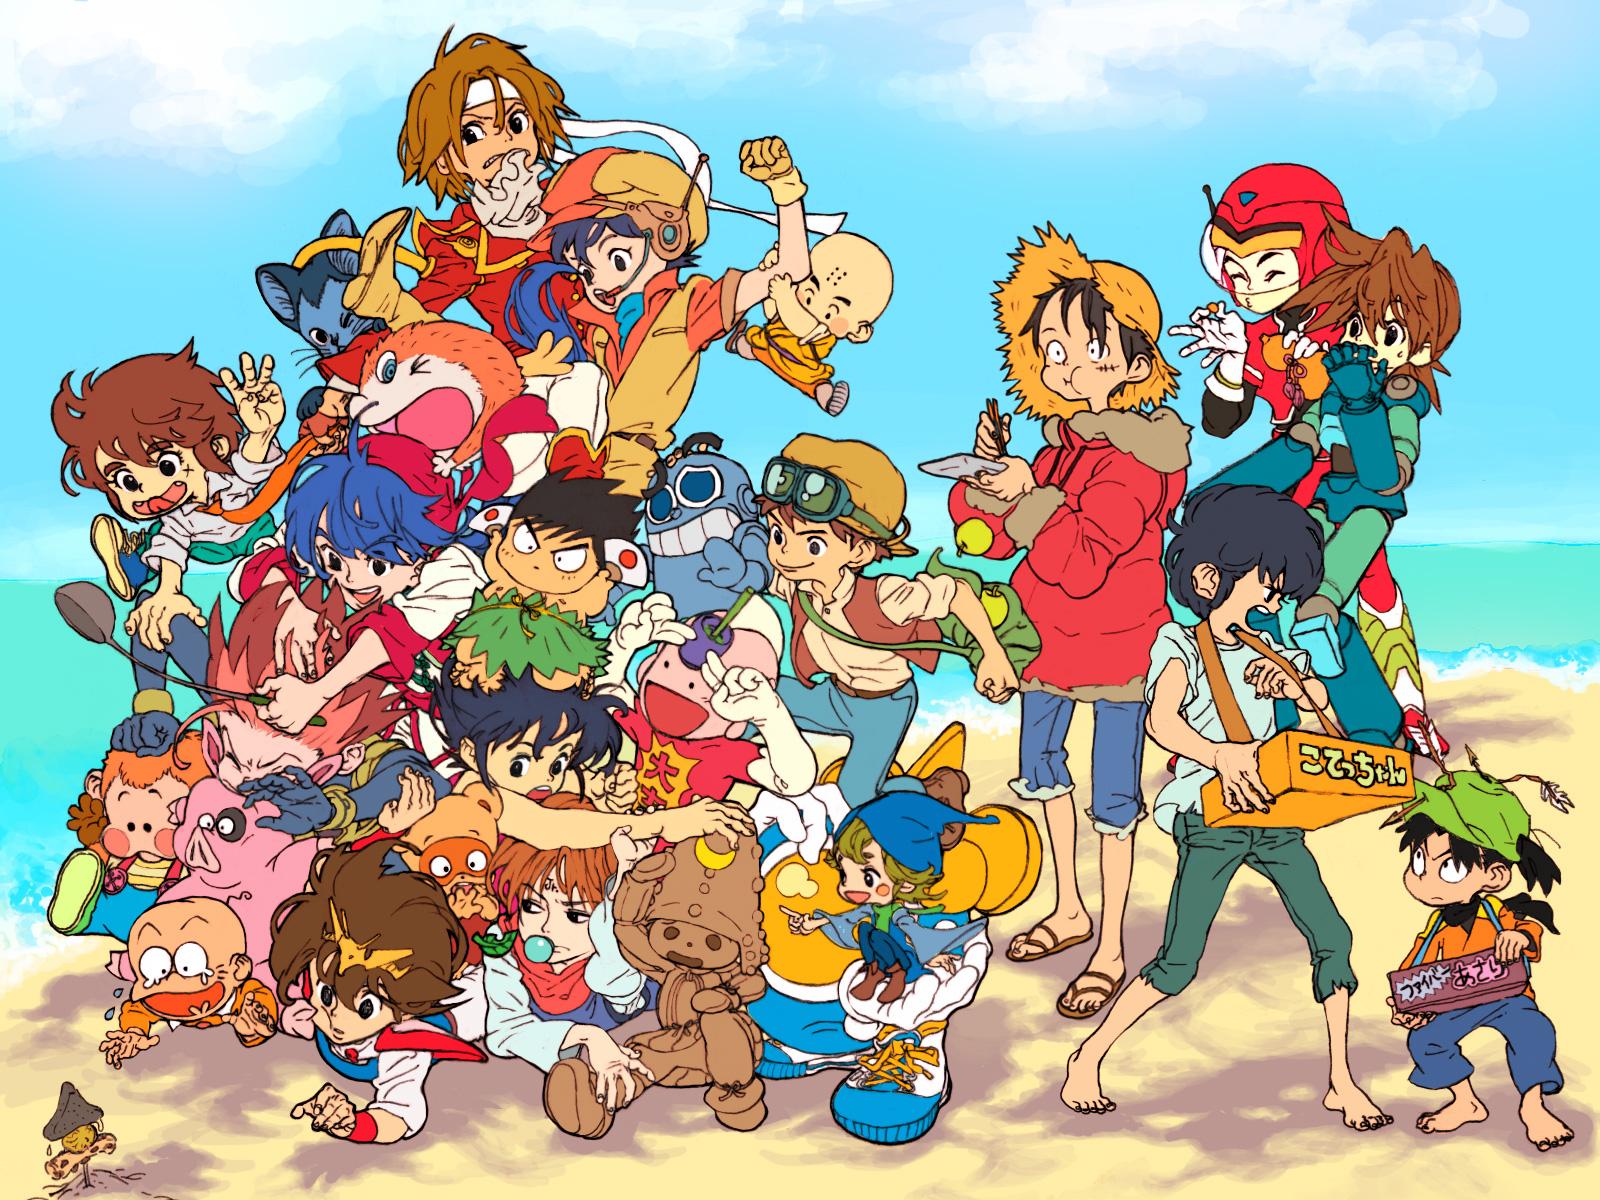 beach blue_cube cooking_master_boy crossover dash_kappei dragonball food ginga_tetsudo_no_yoru giovanni_(ginga_tetsudo_no_yoru) goggles group hat ikusabe_wataru itadakiman kappei kirishima_kanna koenma kuririn laputa:_castle_in_the_sky liu_mao_hsing mashin_hero_wataru mojakou monkey_d_luffy nangoku_shonen_papuwa-kun nintama_rantaro one_piece papuwa pazu_(laputa) rockman rockman_(character) saint_seiya sakura_taisen settsuno_kirimaru twinbee_paradise yu_yu_hakusho